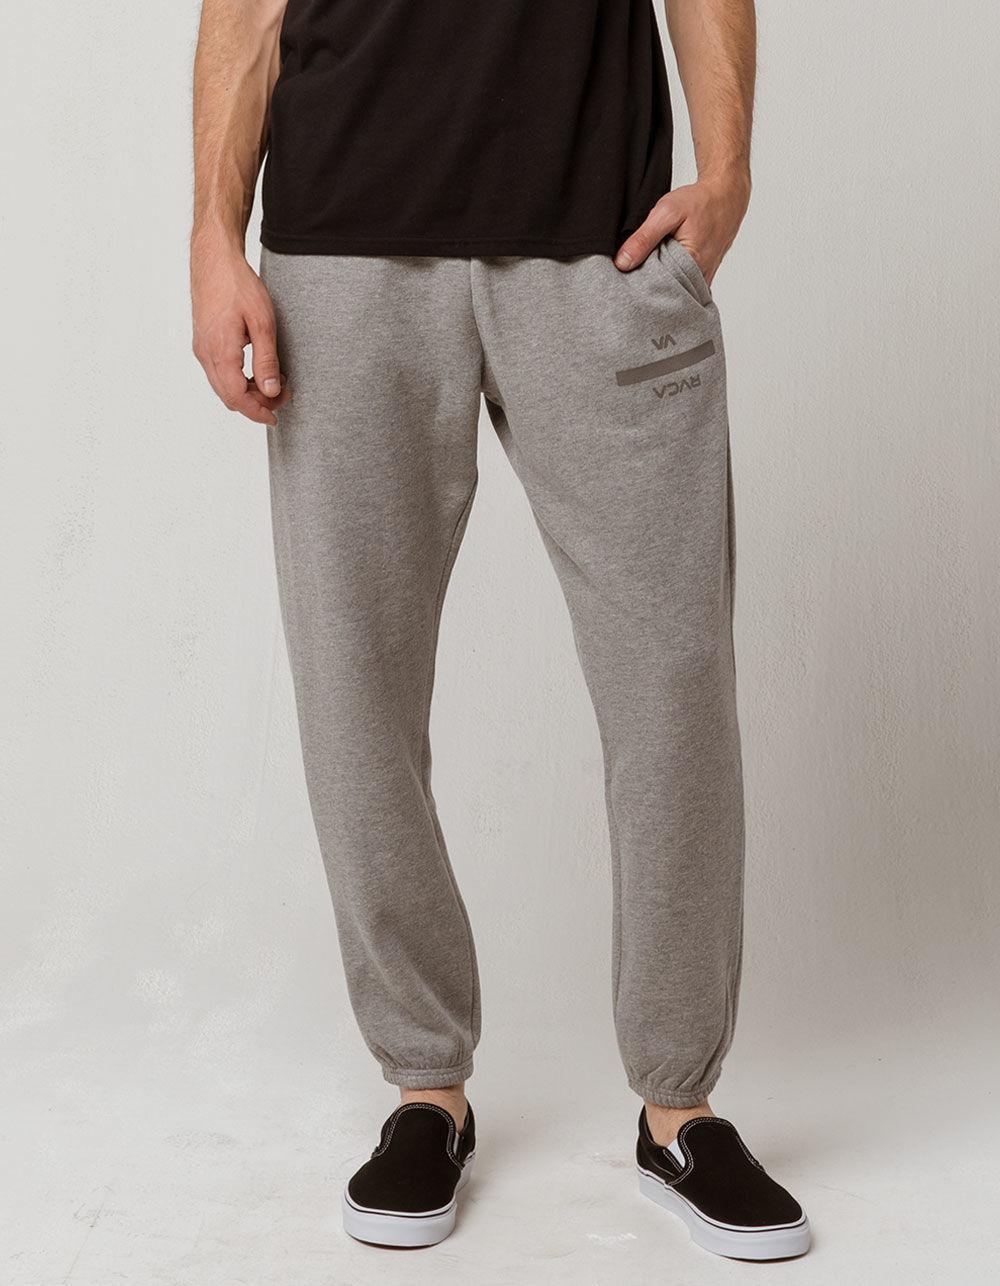 4c13a93d59dd Lyst - RVCA Barnone Mens Sweatpants in Gray for Men